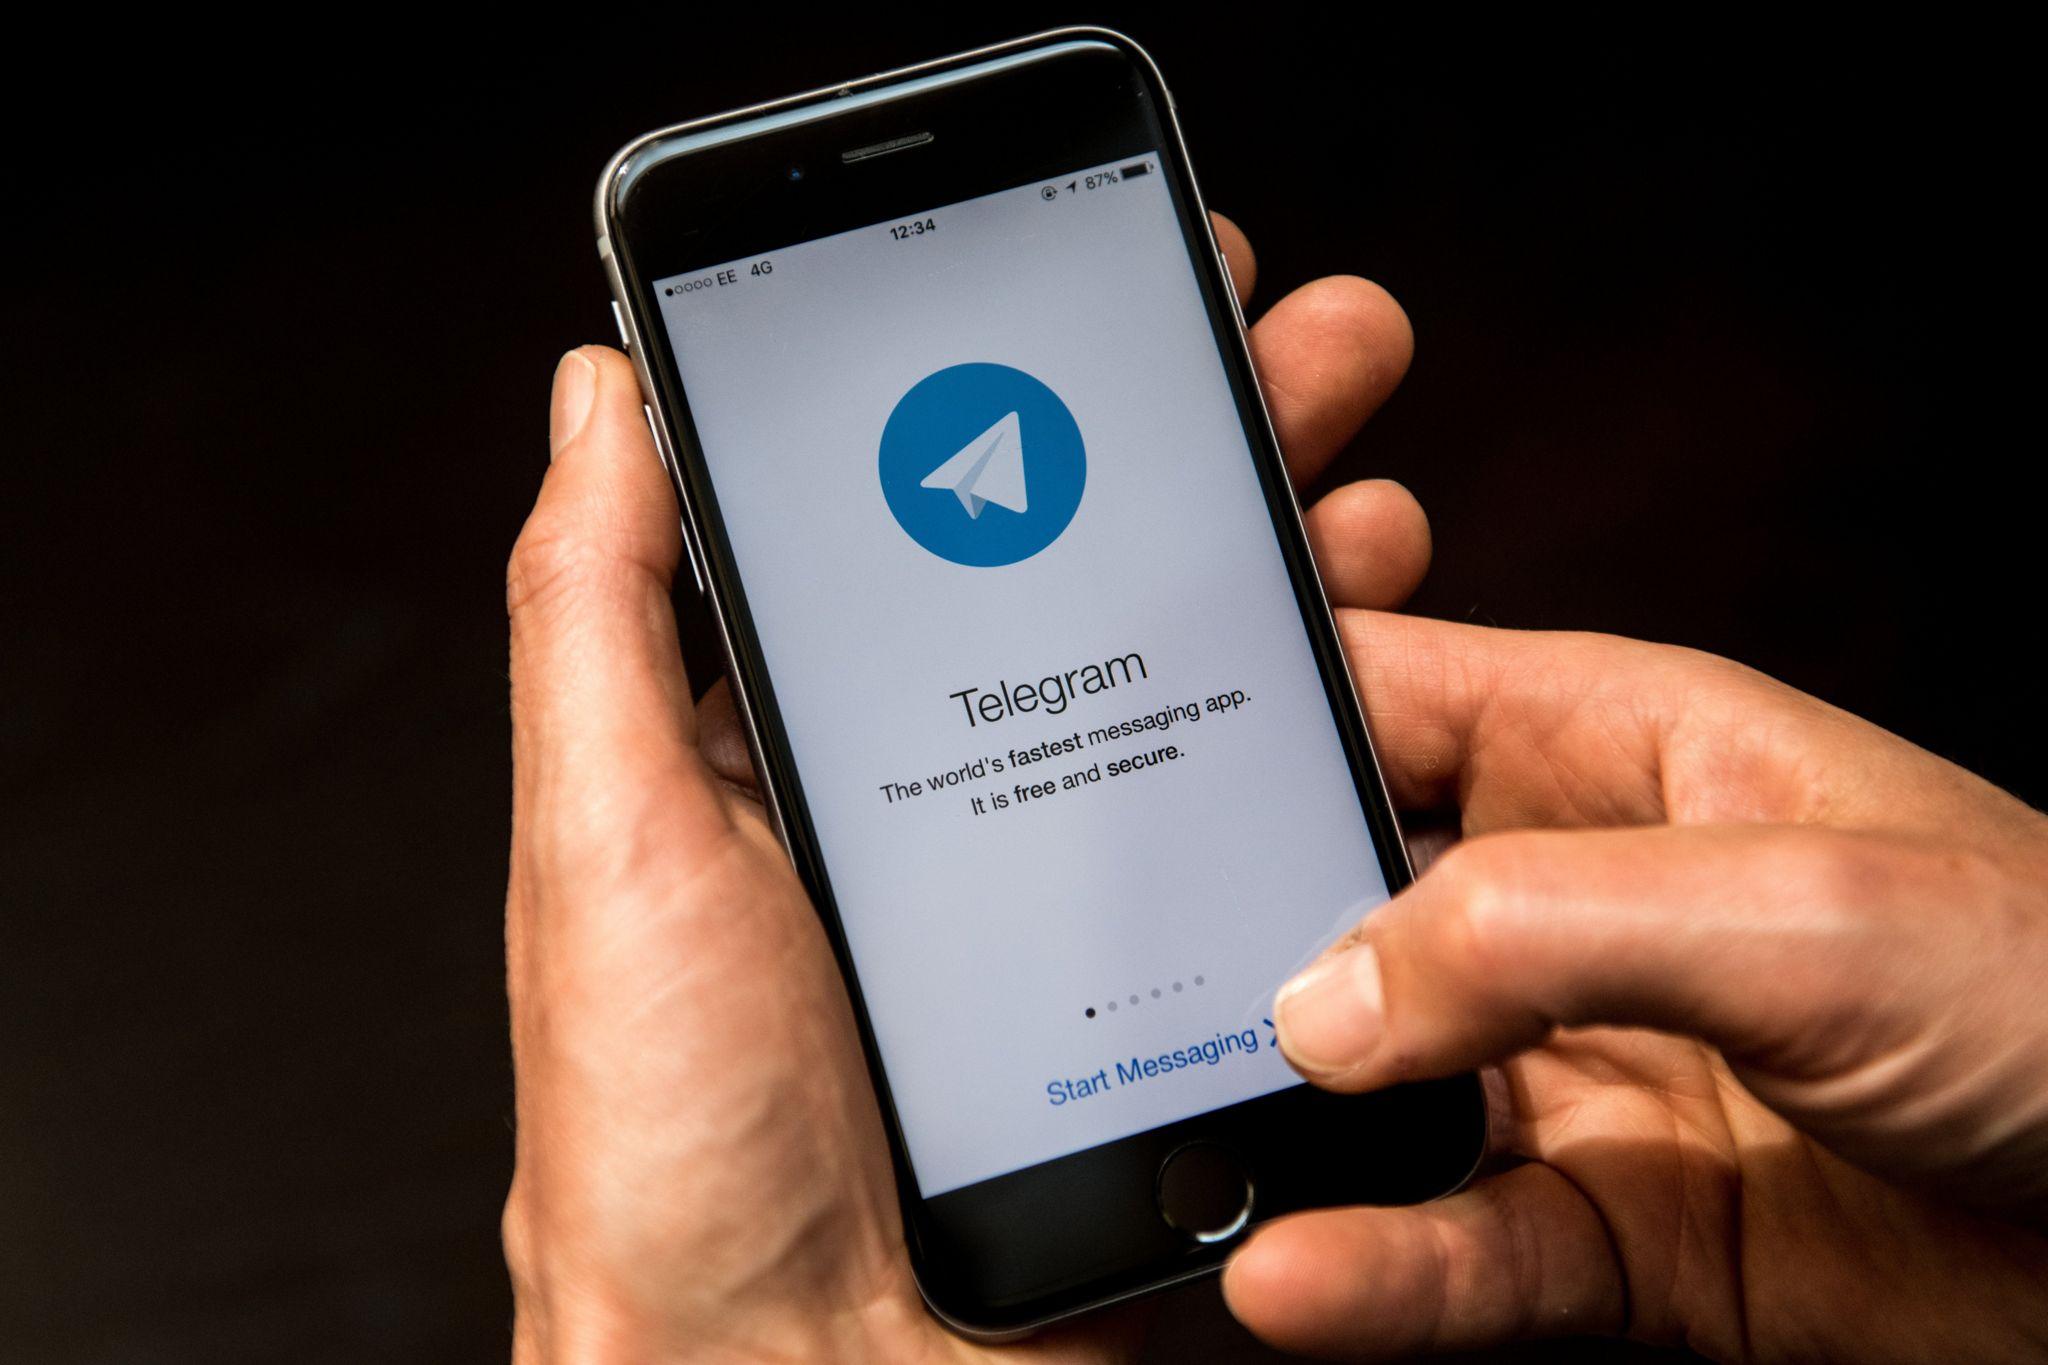 Telegram messaging app is seen on a smart phone